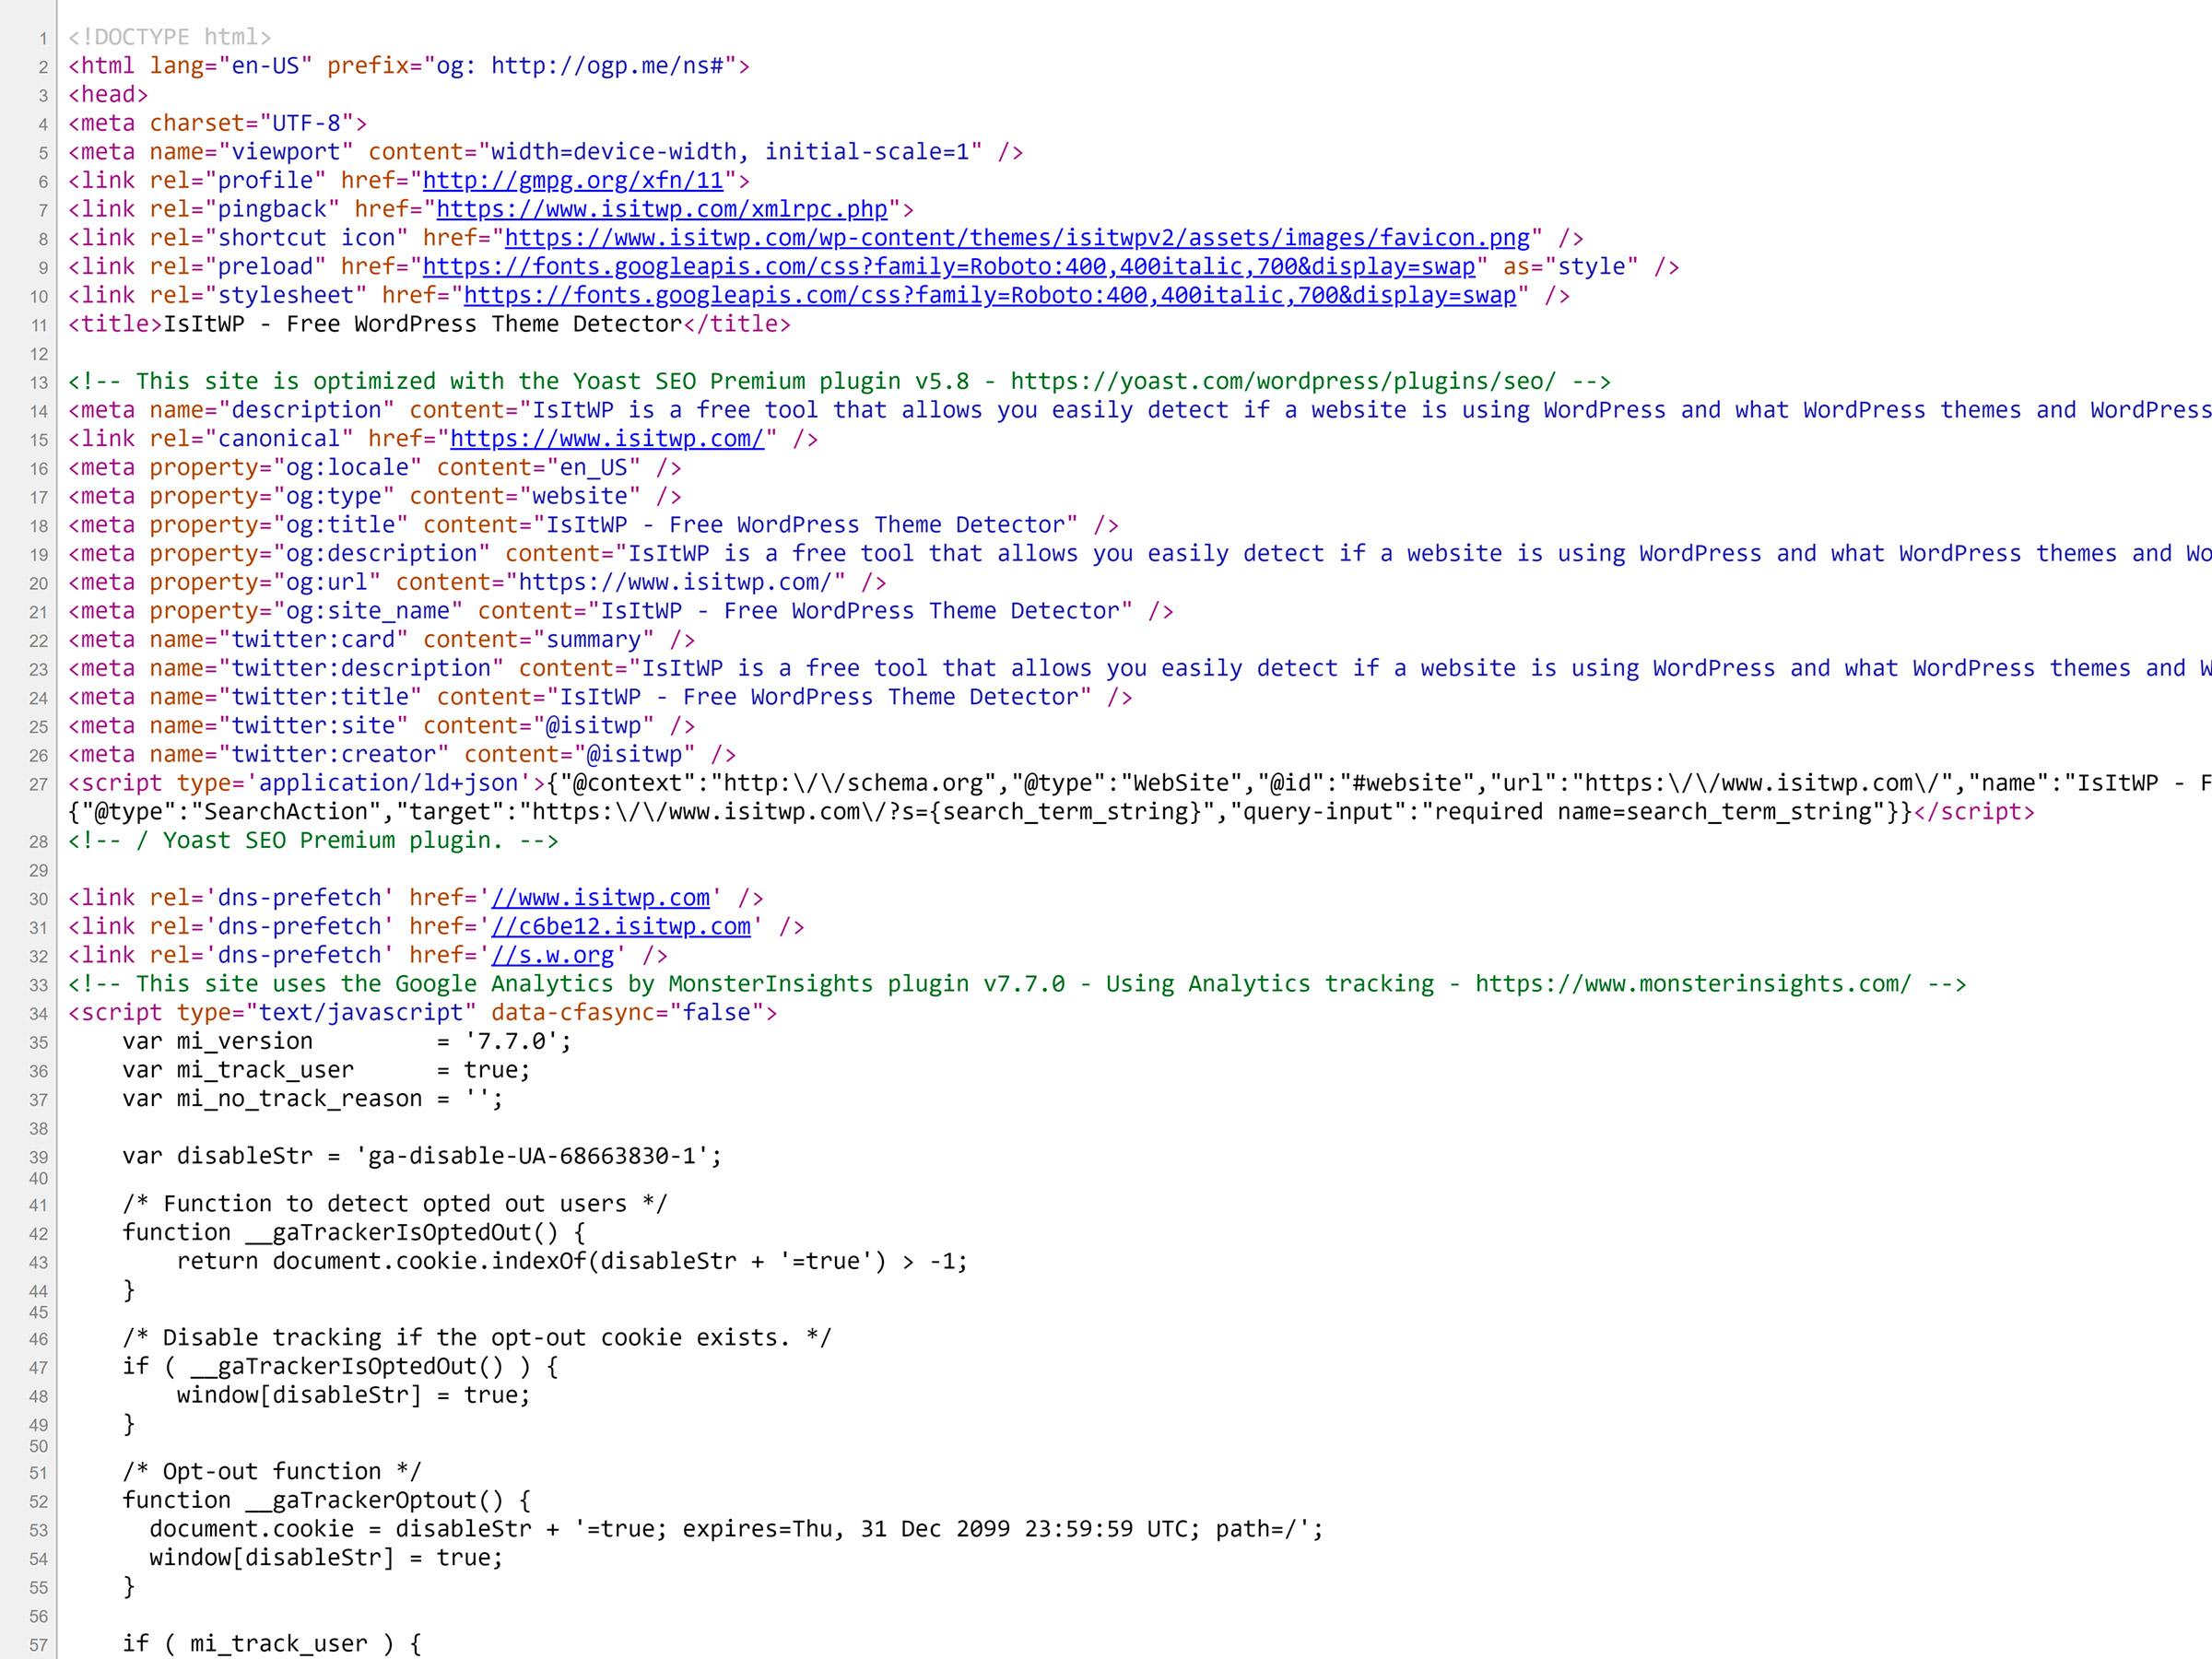 como saber se o site usa wordpress